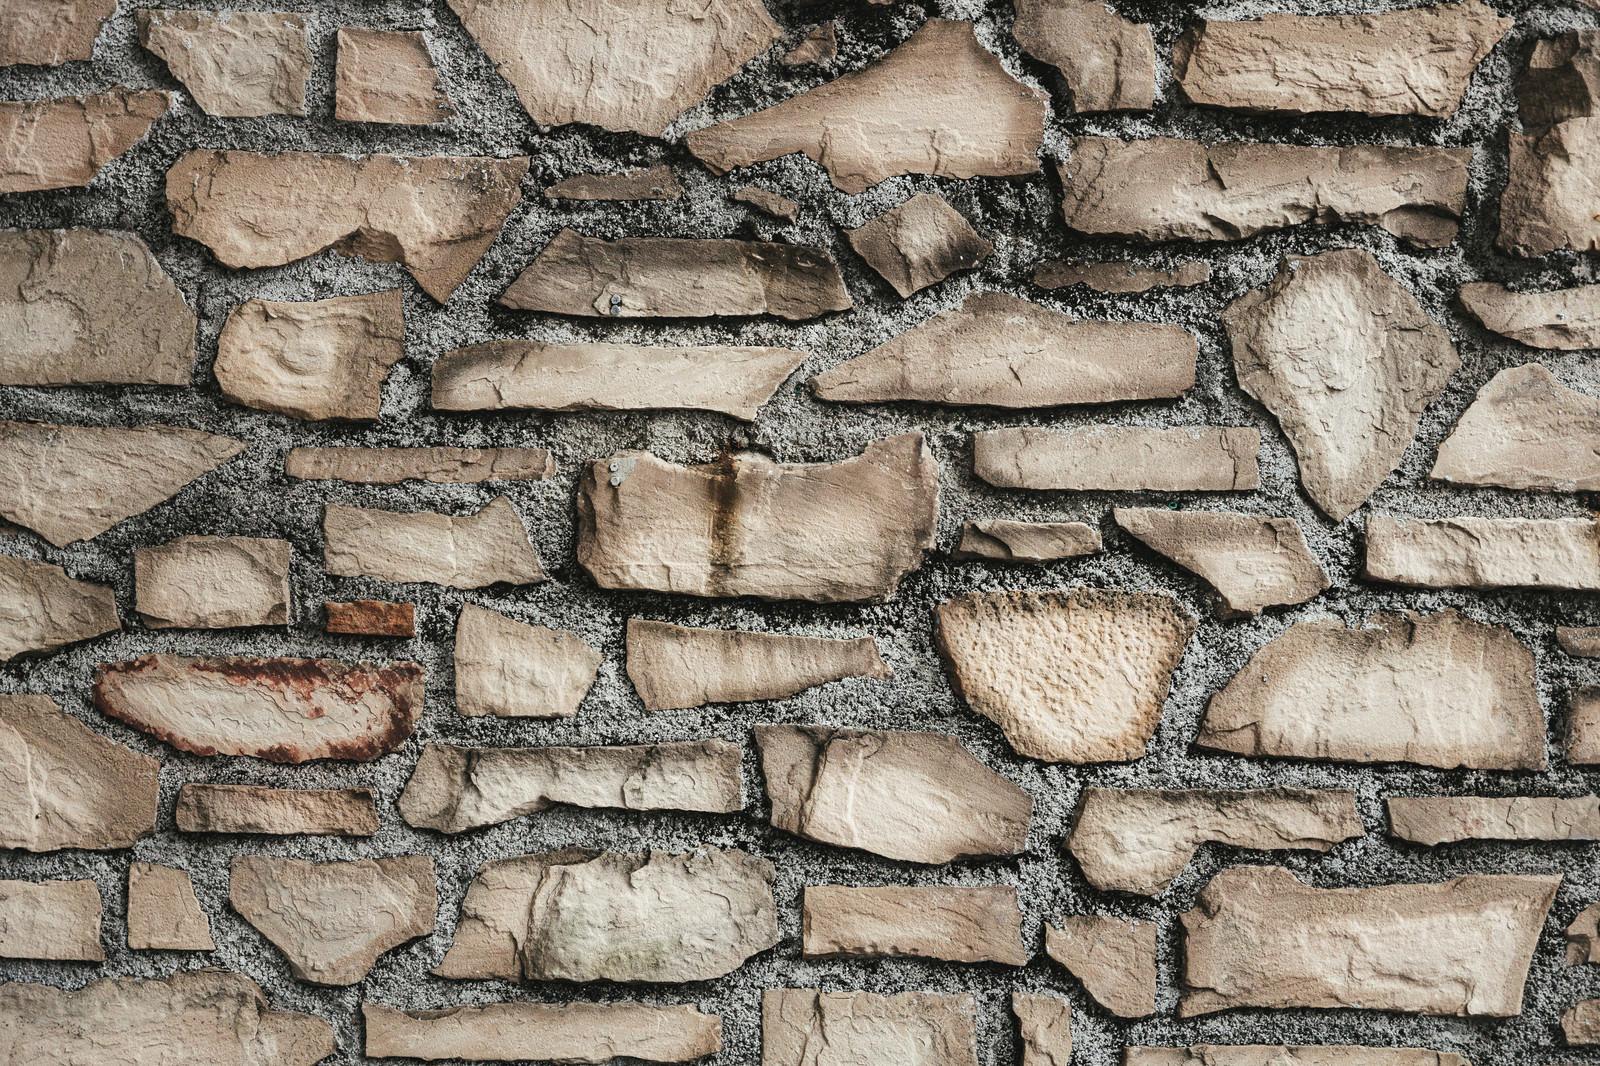 「割れたレンガで造られた壁(テクスチャ)」の写真